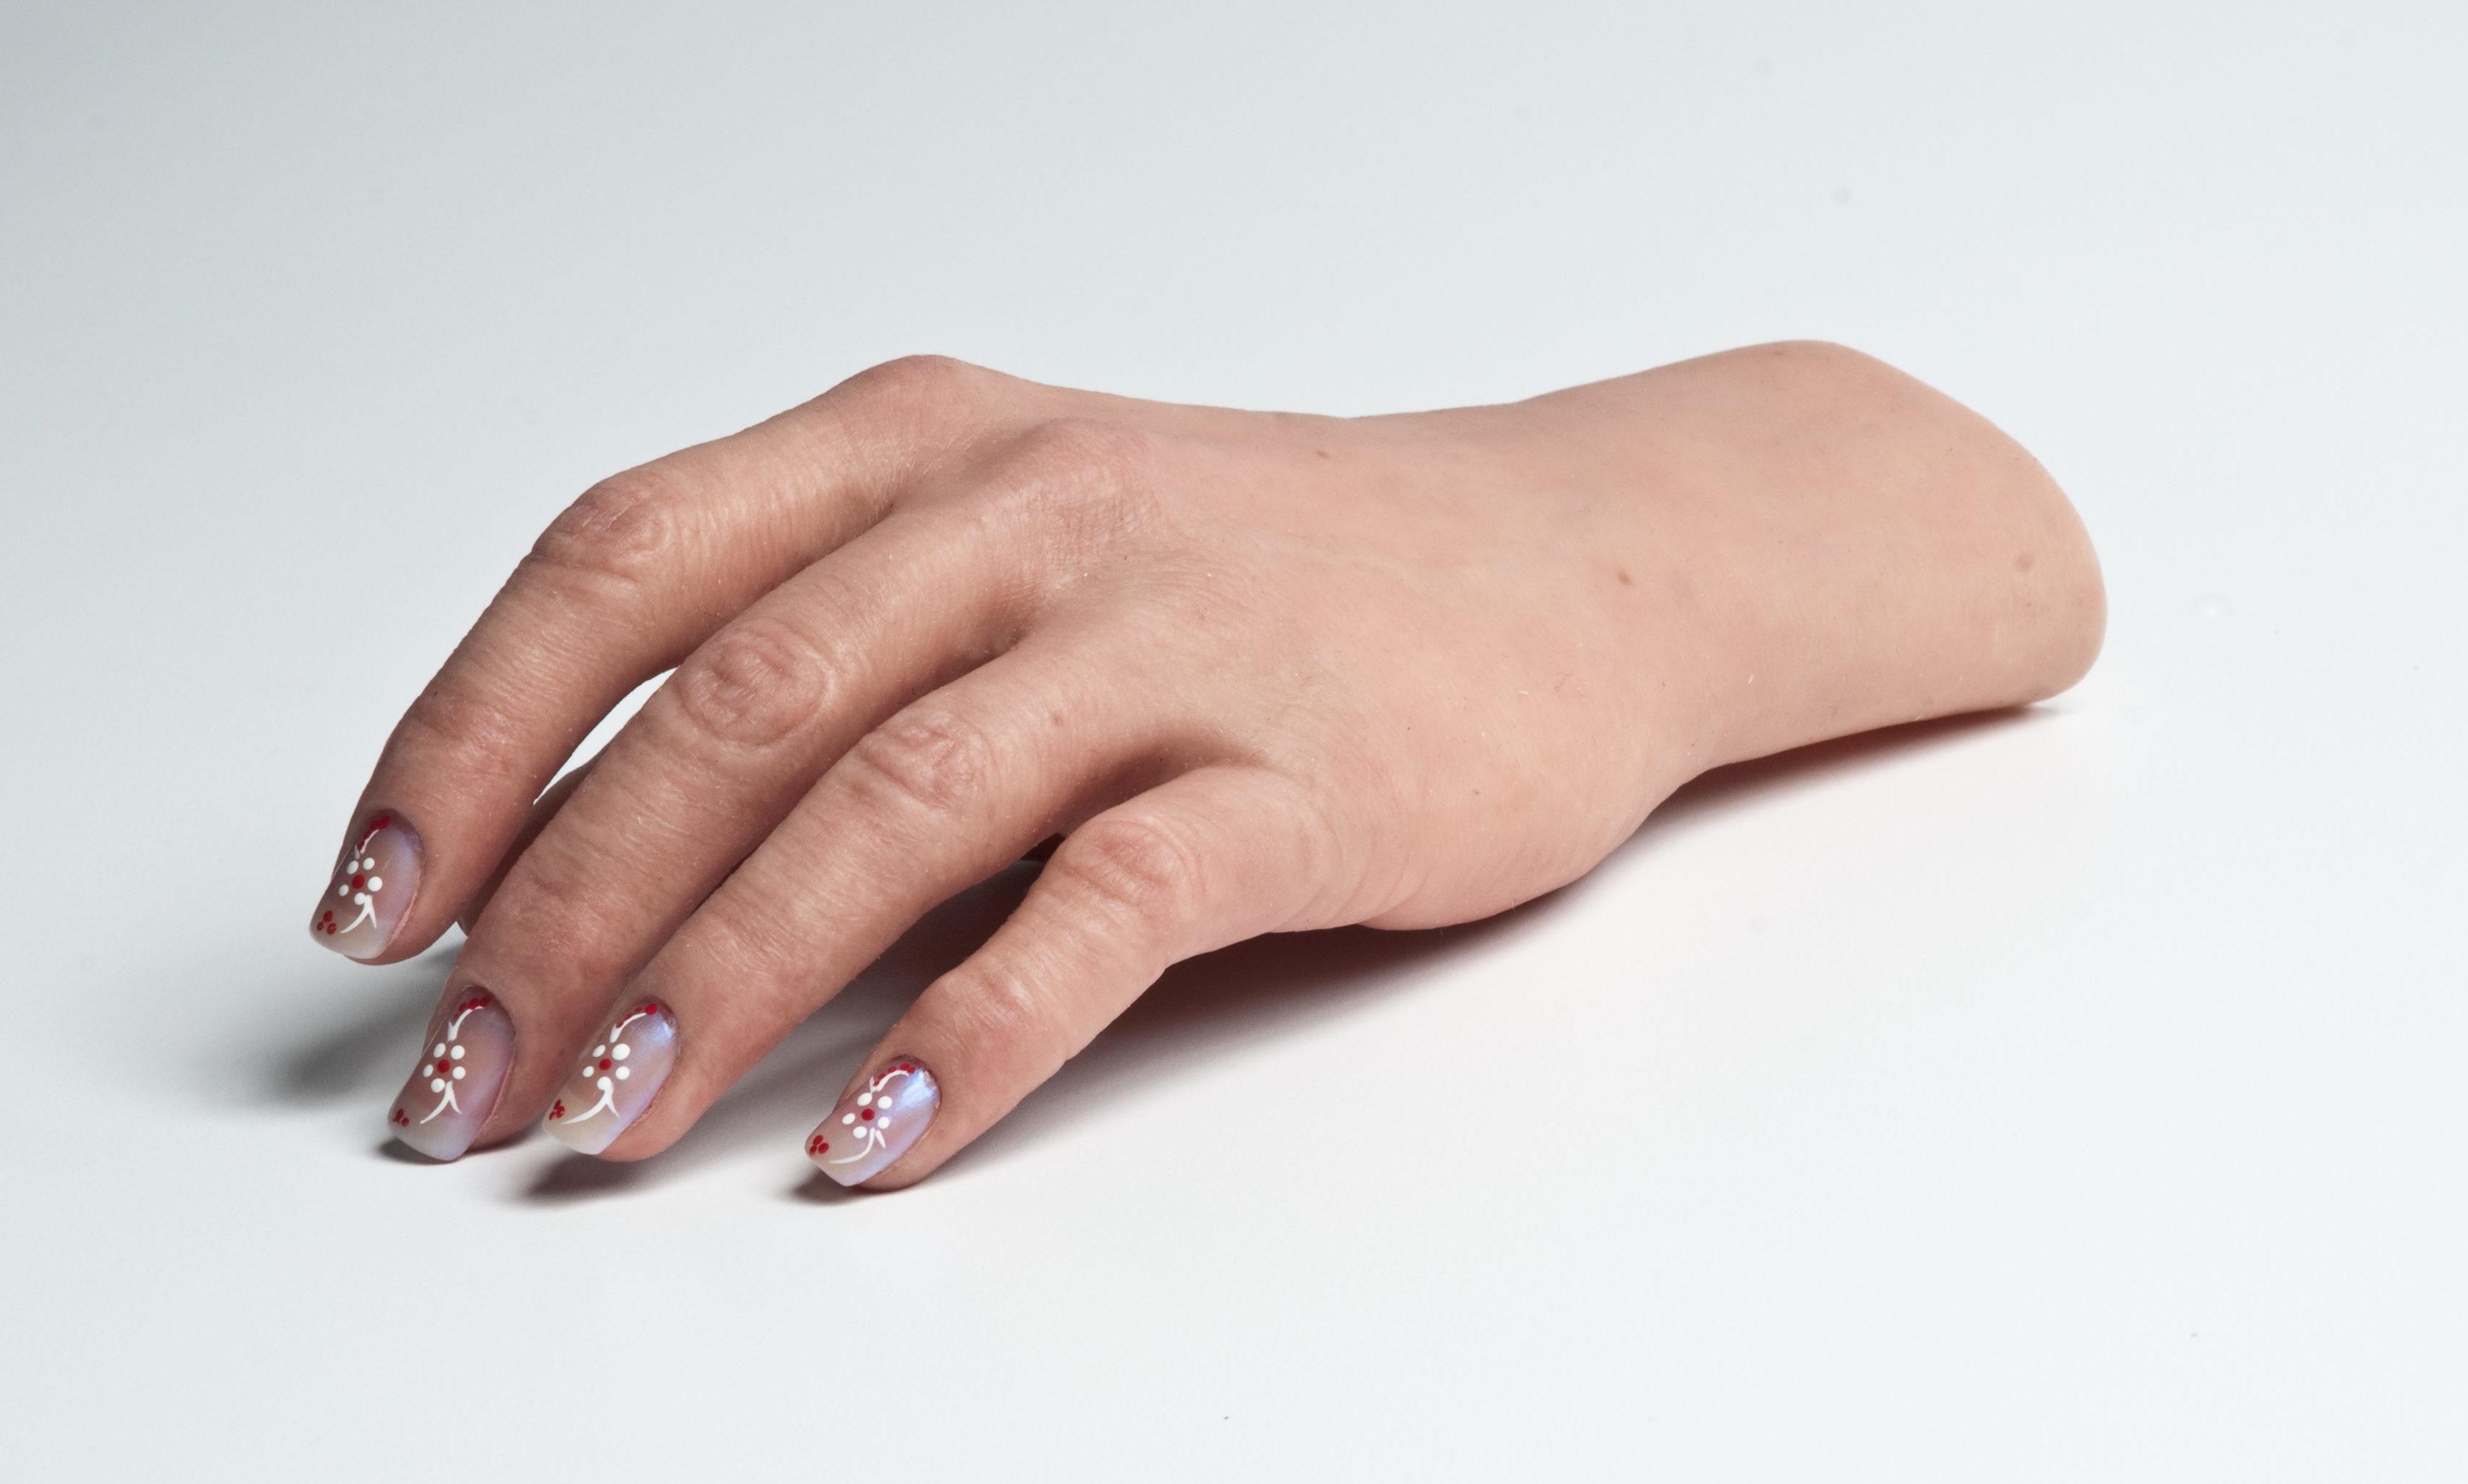 Prótesis para manos de silicona